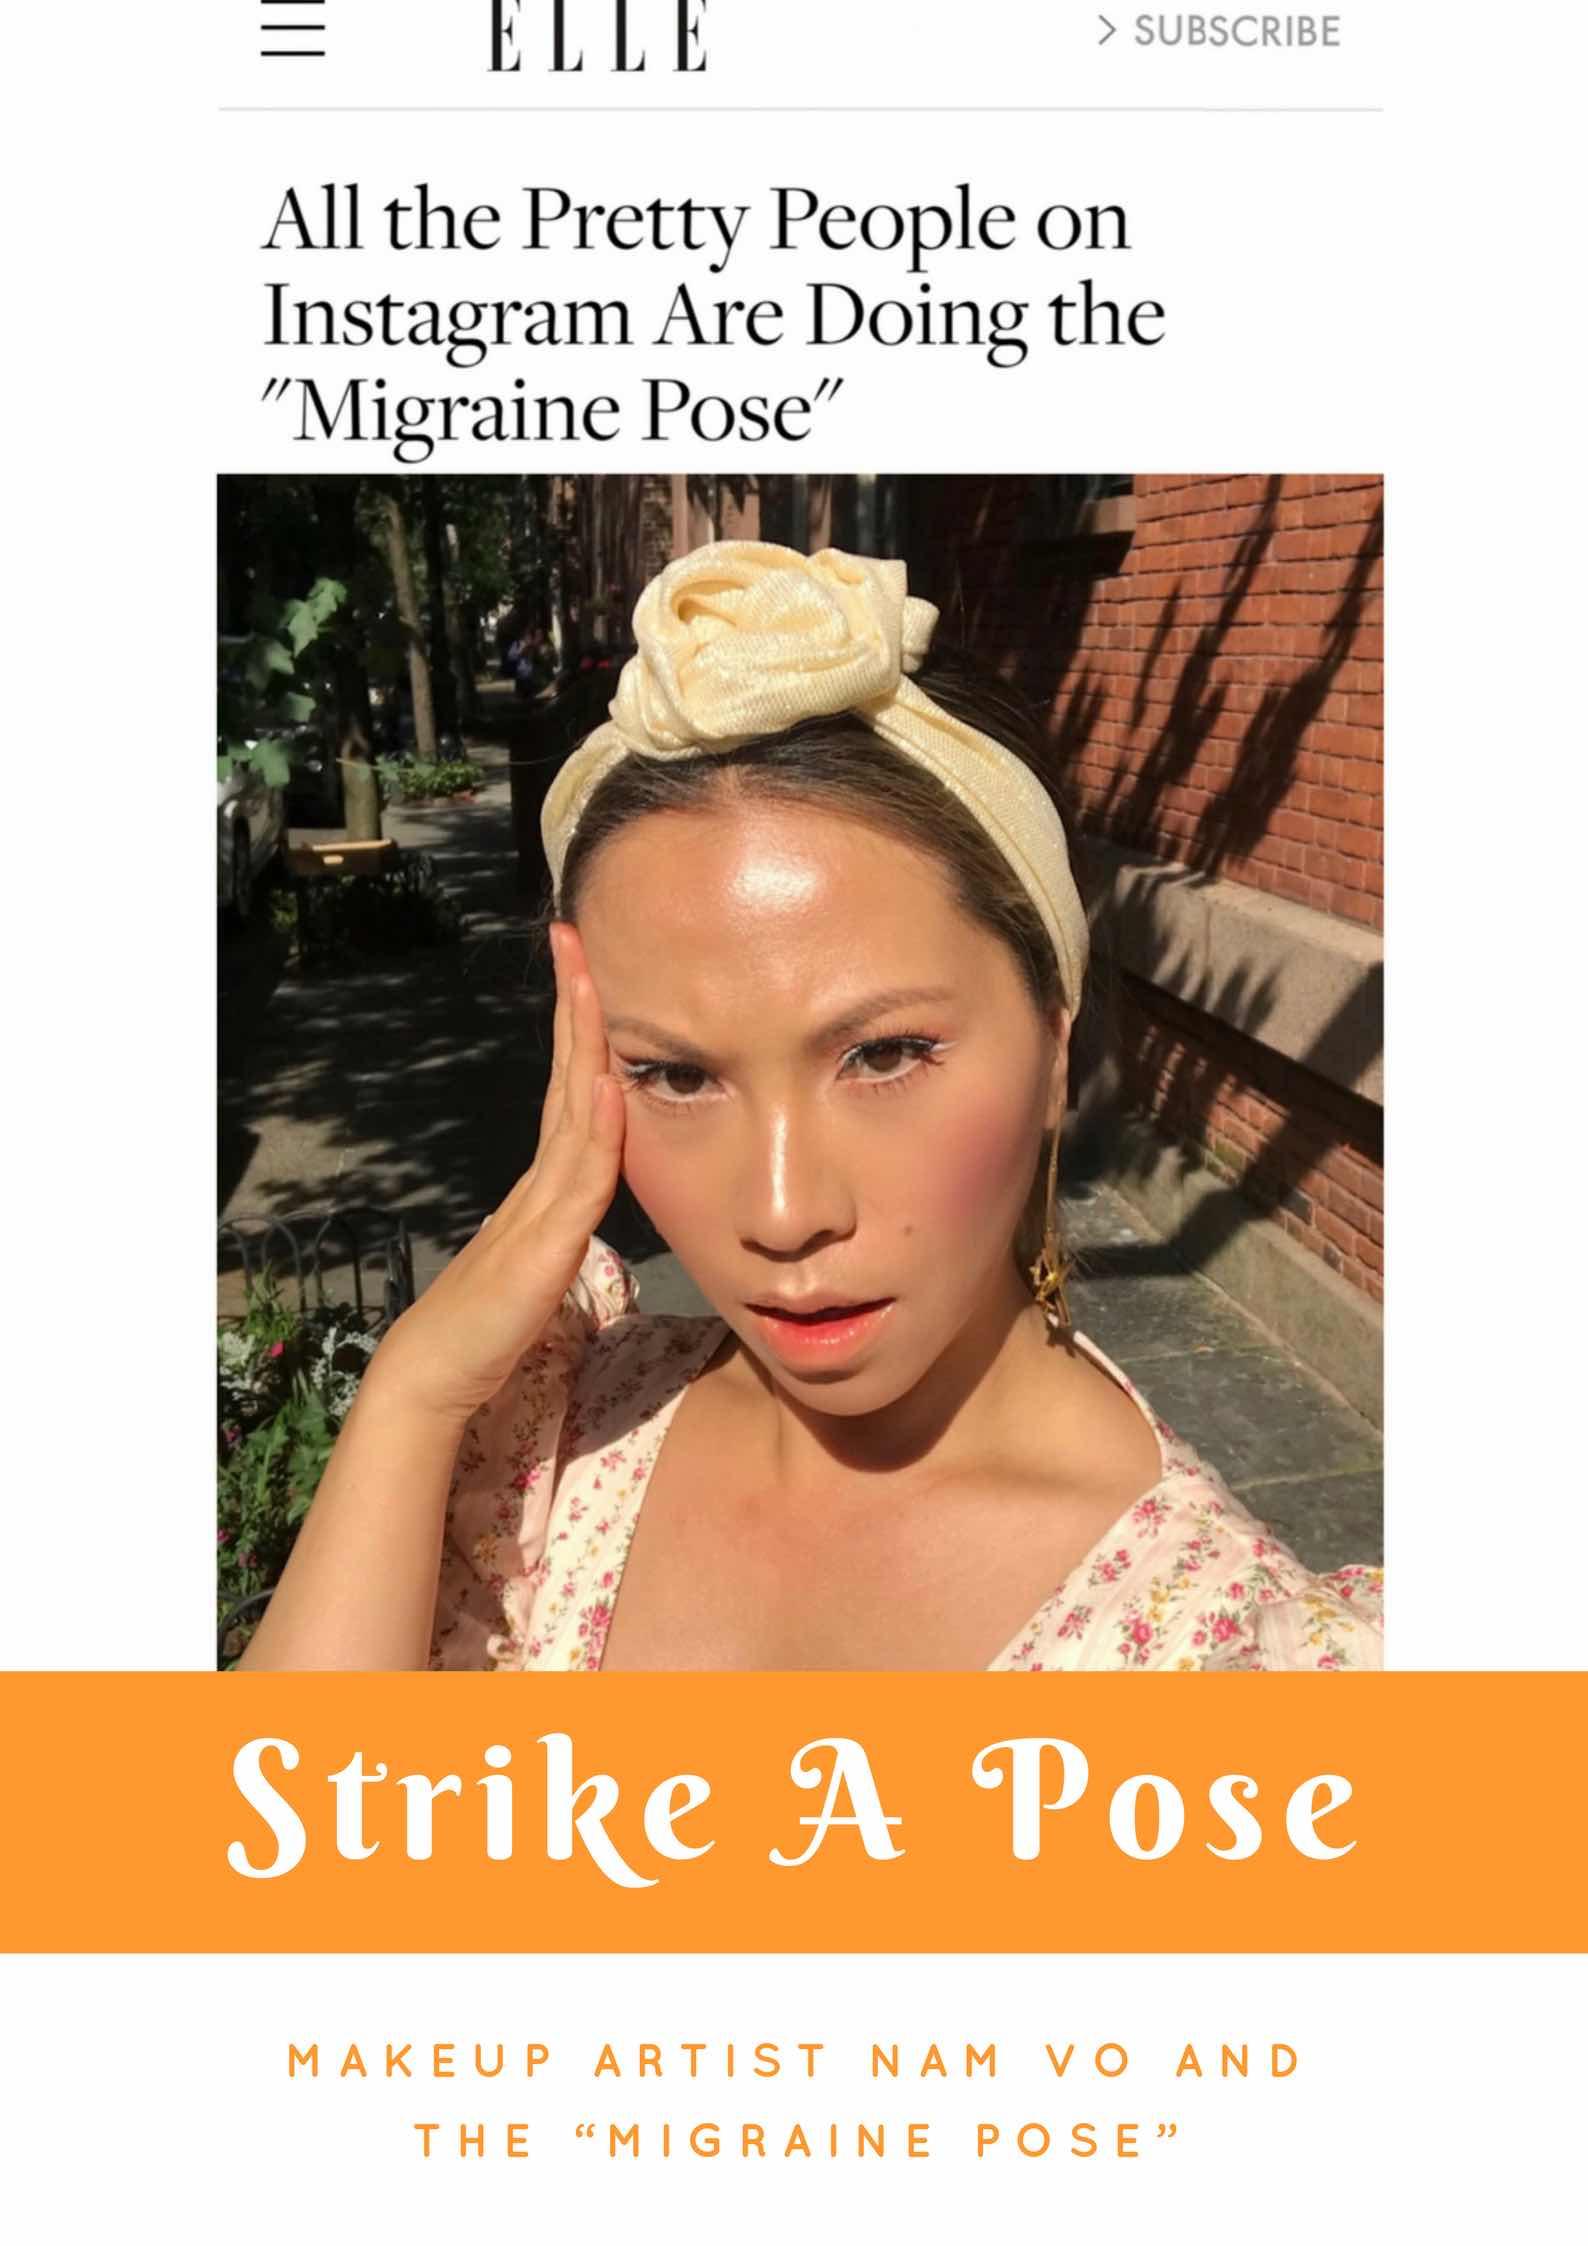 strike a pose, migraine pose, #migrainepose, #truemigrainepose,